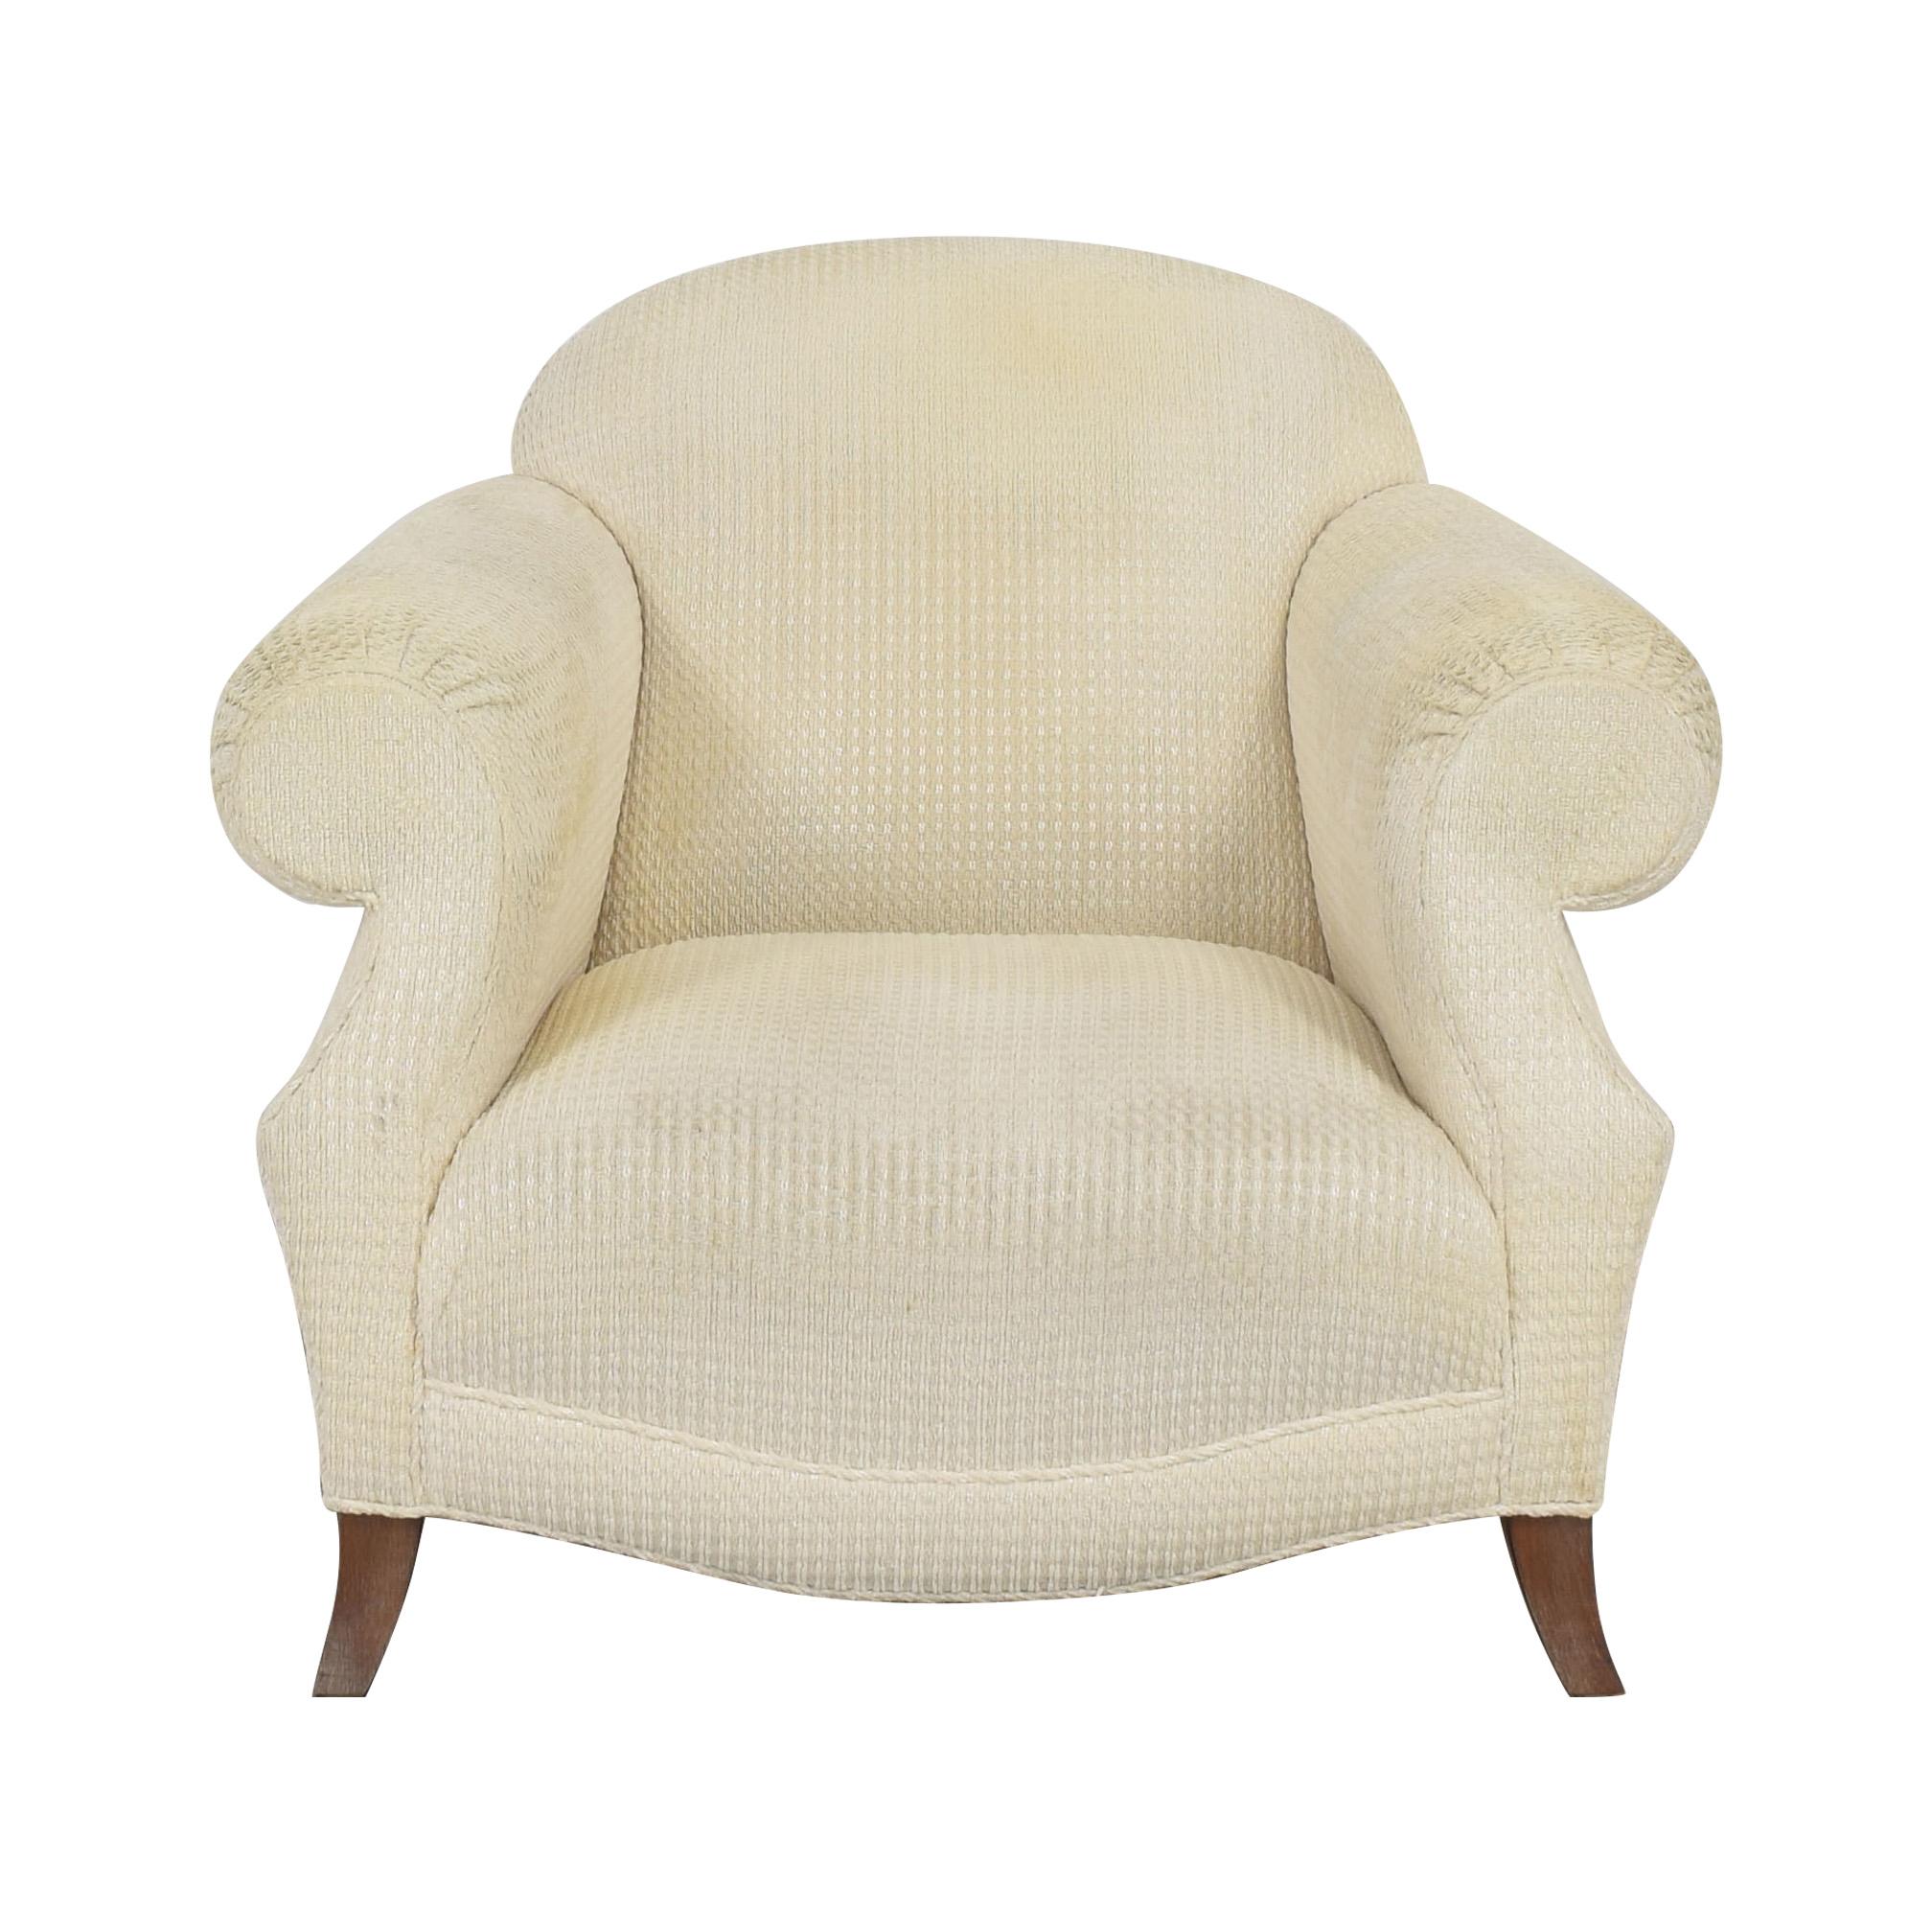 Swaim Swaim Accent Chair dimensions